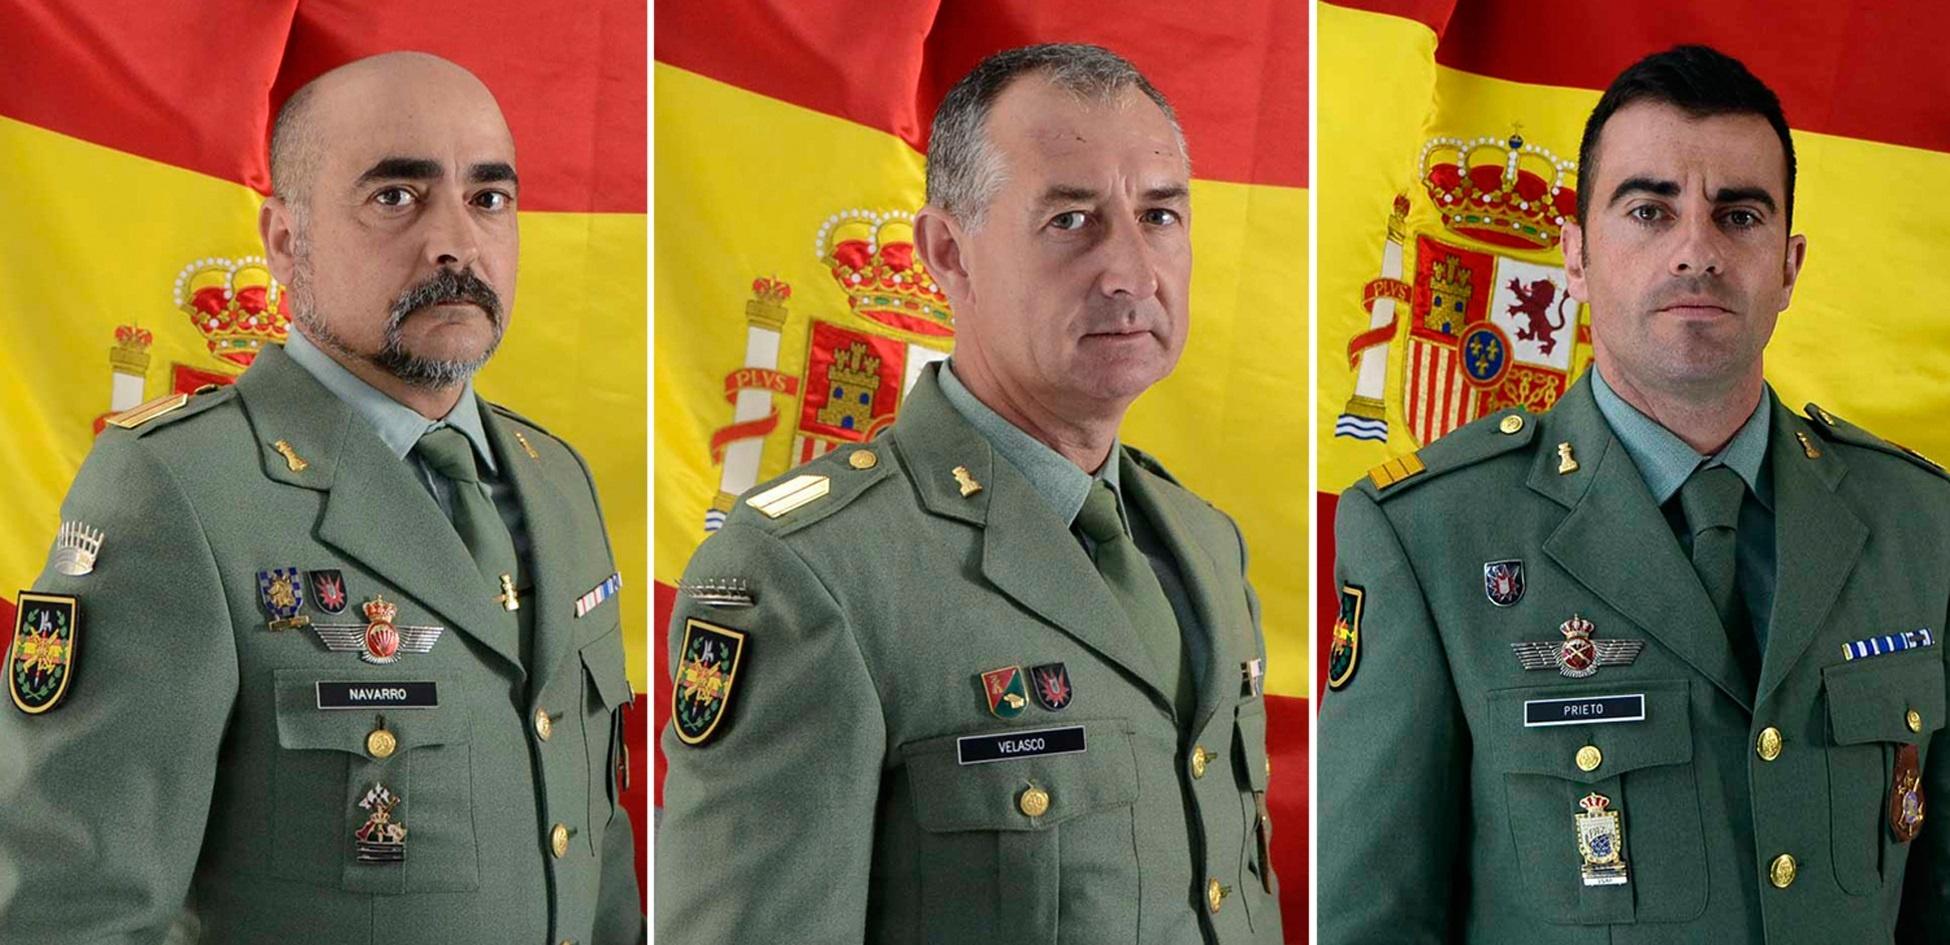 La explosión en Viator es la más grave desde la muerte de cinco militares en Hoyo de Manzanares (Madrid) en 2011